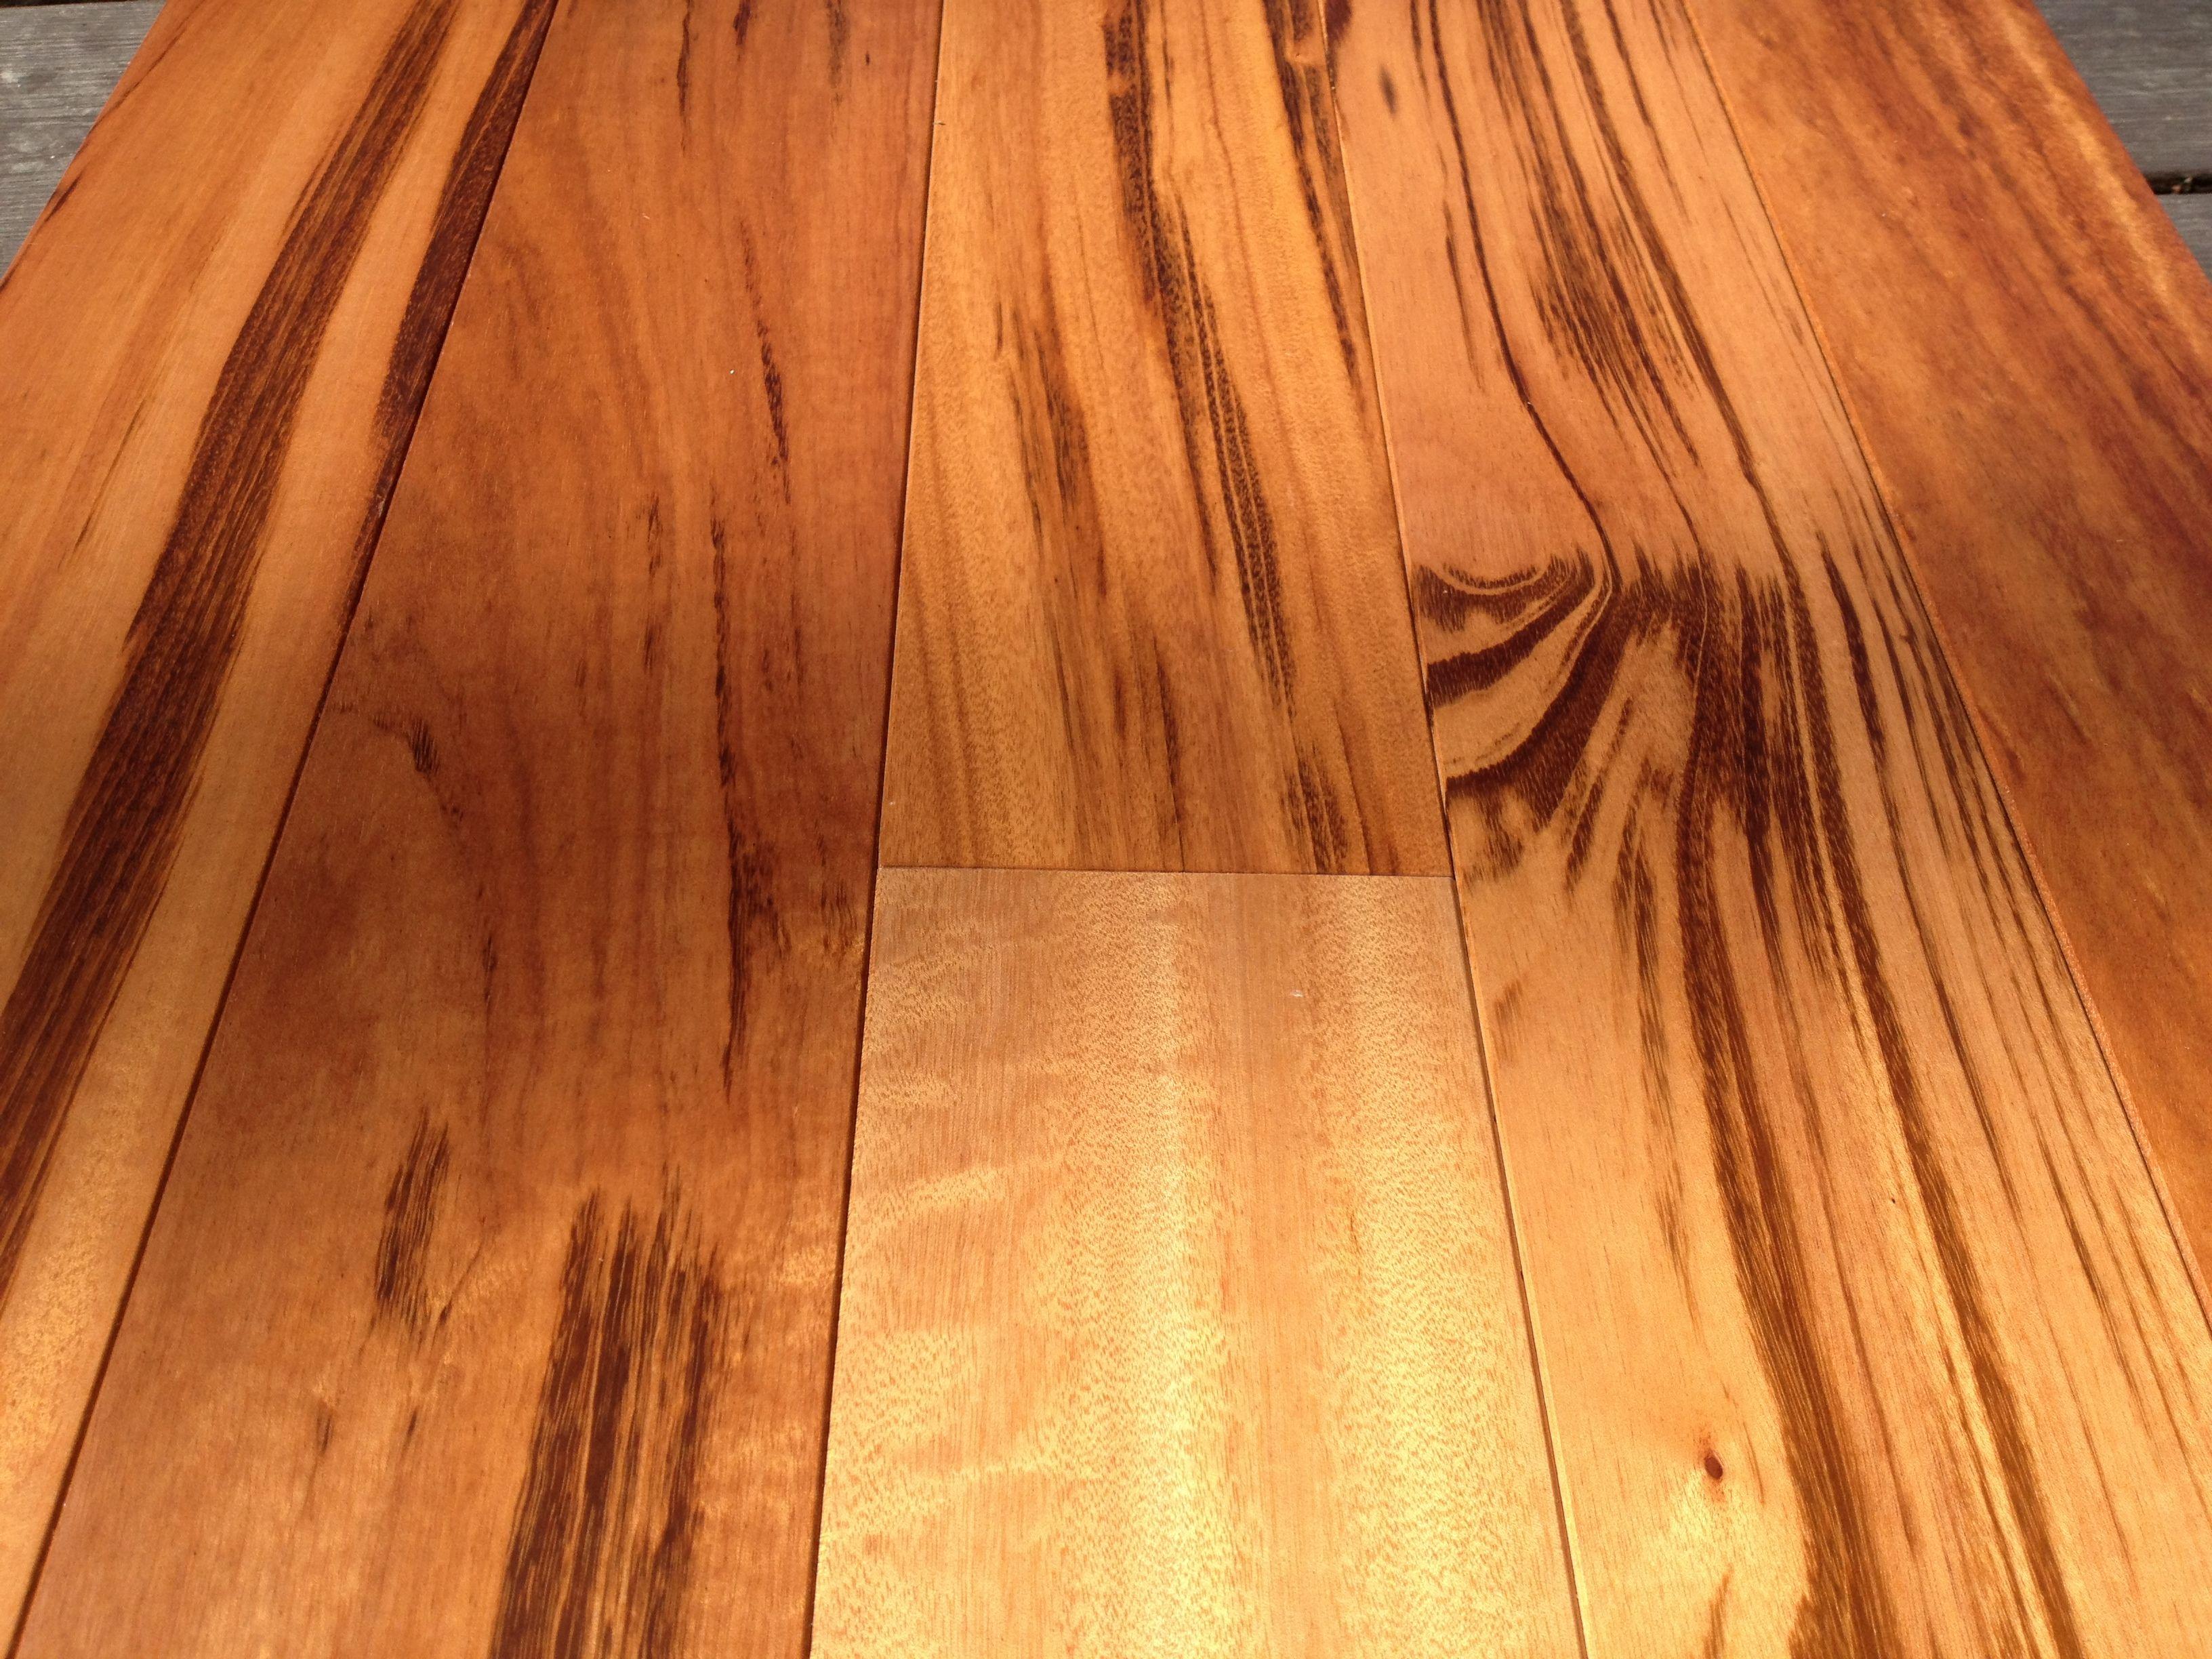 Tigerwood hardwood flooring unfinished exotic for Exotic wood flooring